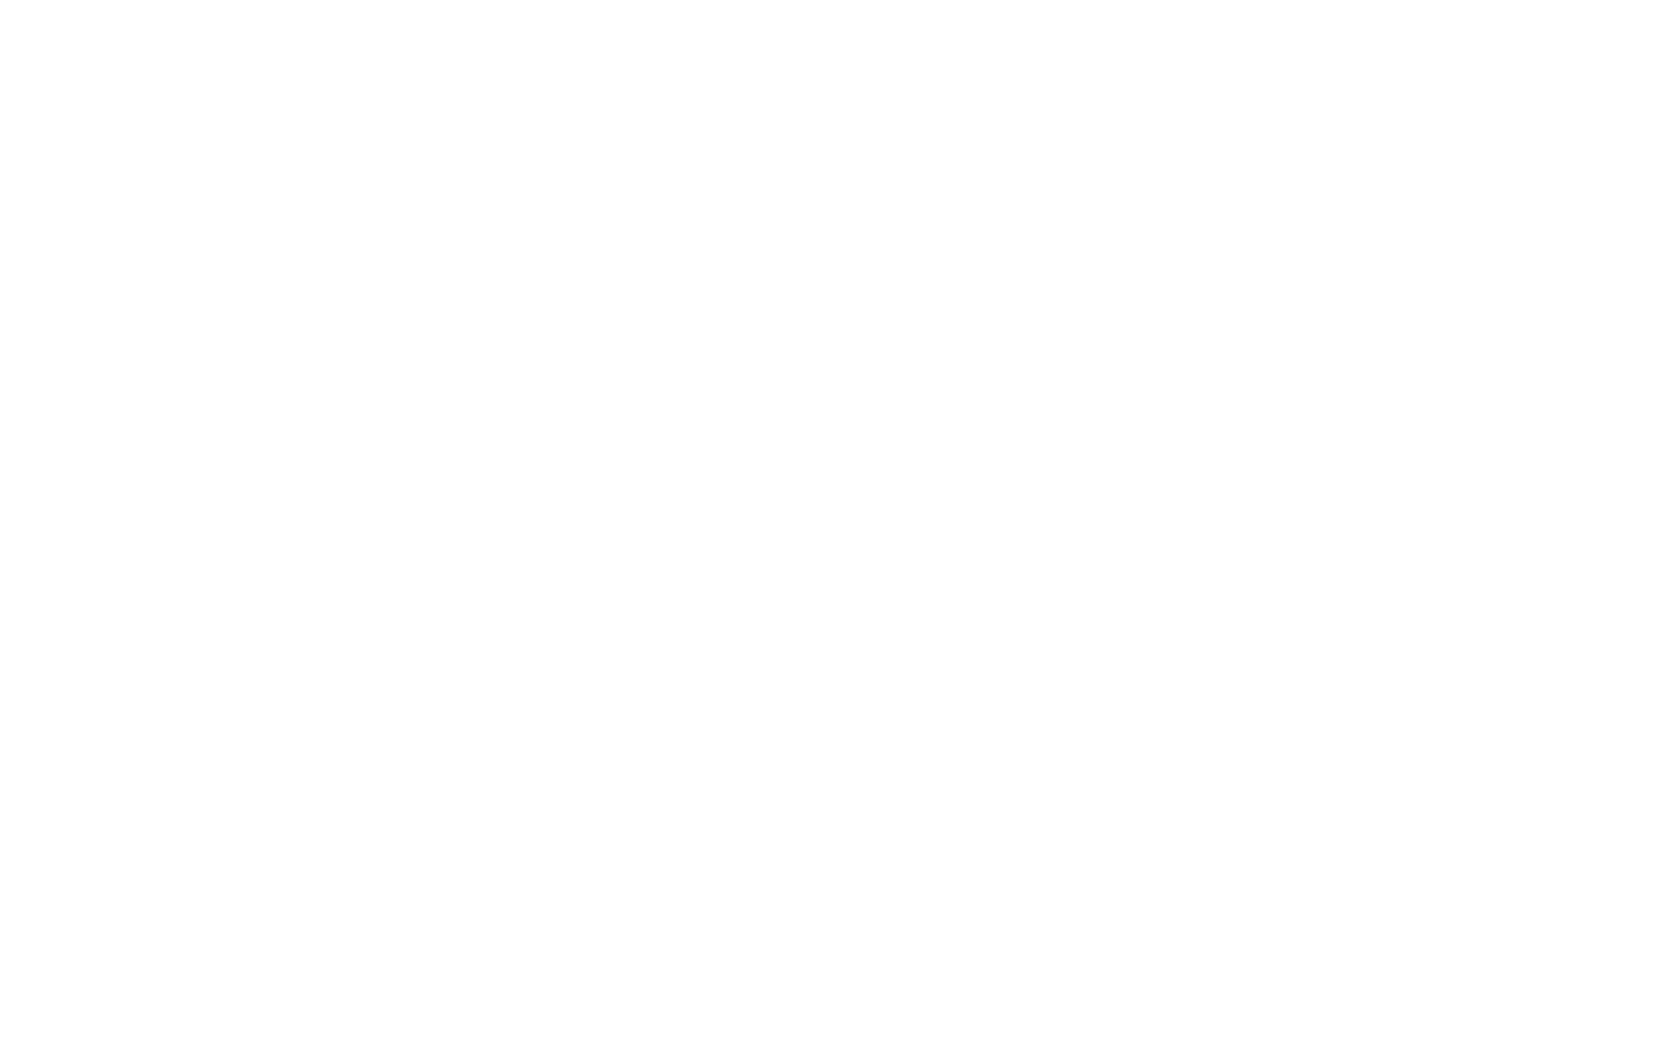 Denicija-Logo-Vector_white